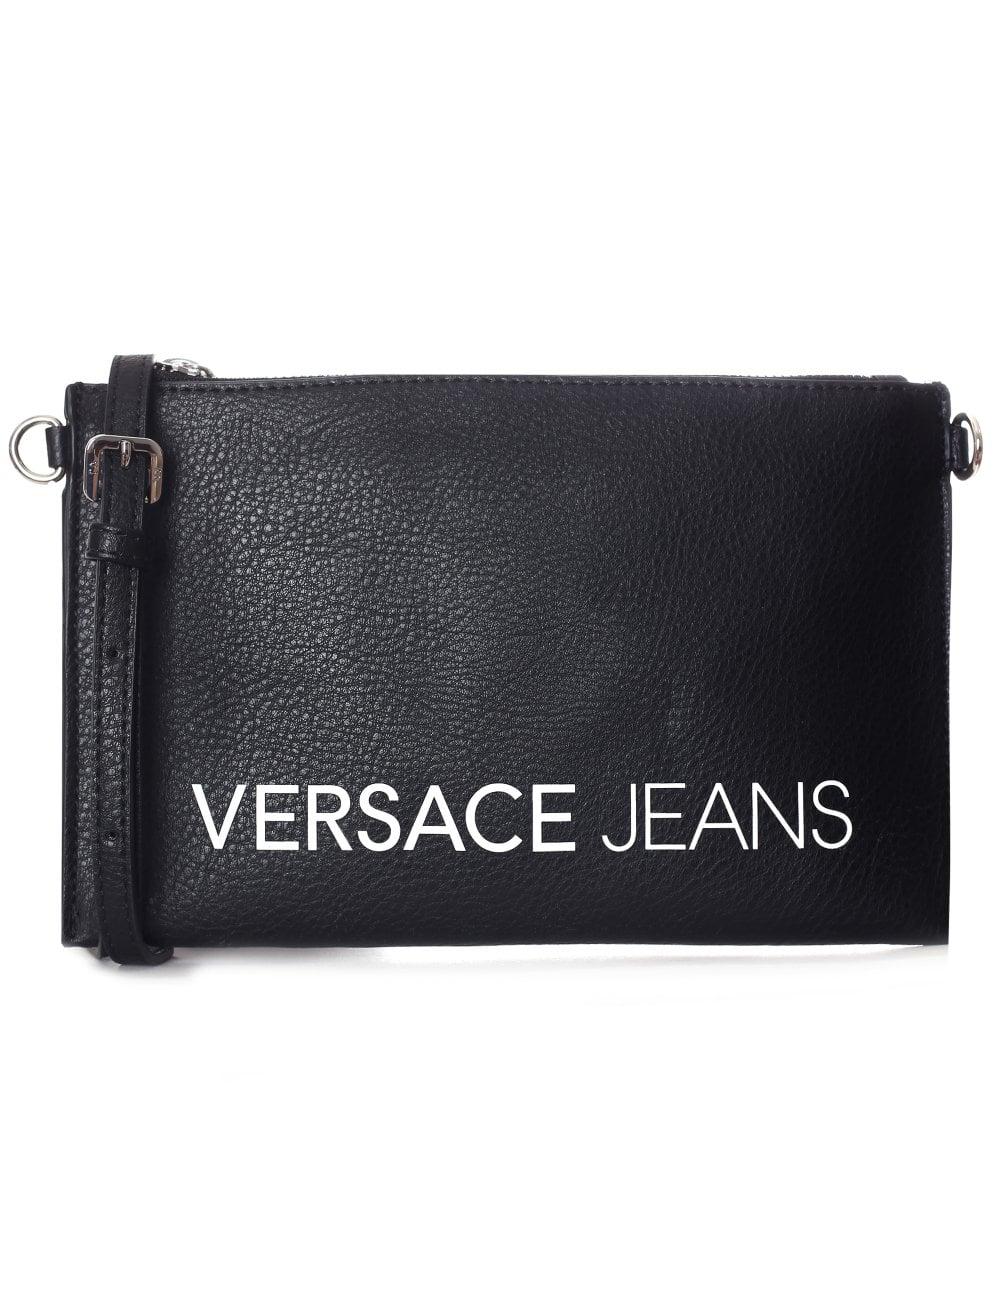 7d44c0ee Versace Jeans Contrast Logo Women's Crossbody Bag